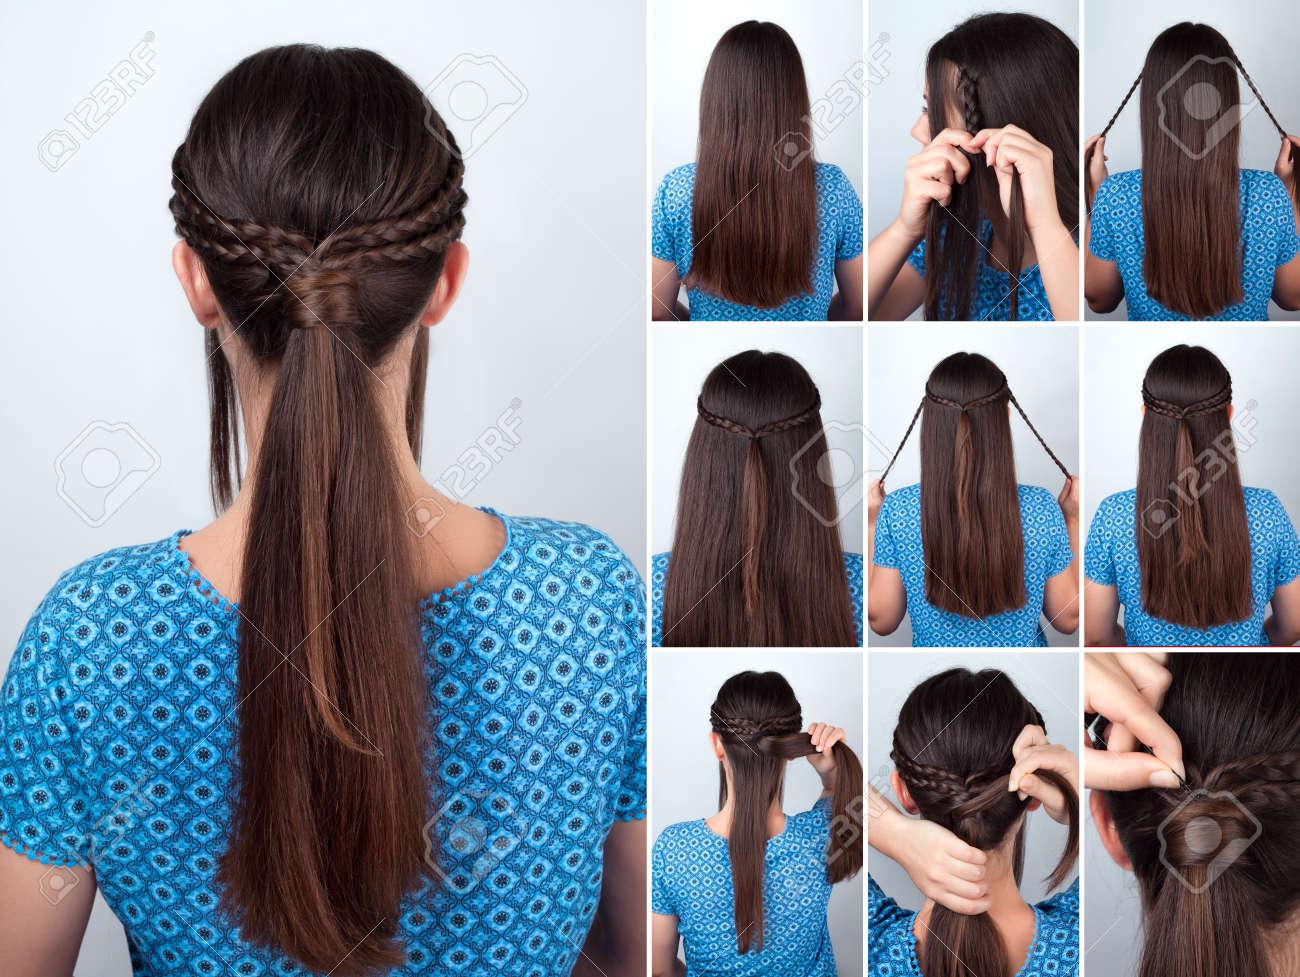 Einfache Frisur Pferdeschwanz Mit Zopfen Haar Tutorial Frisur Fur